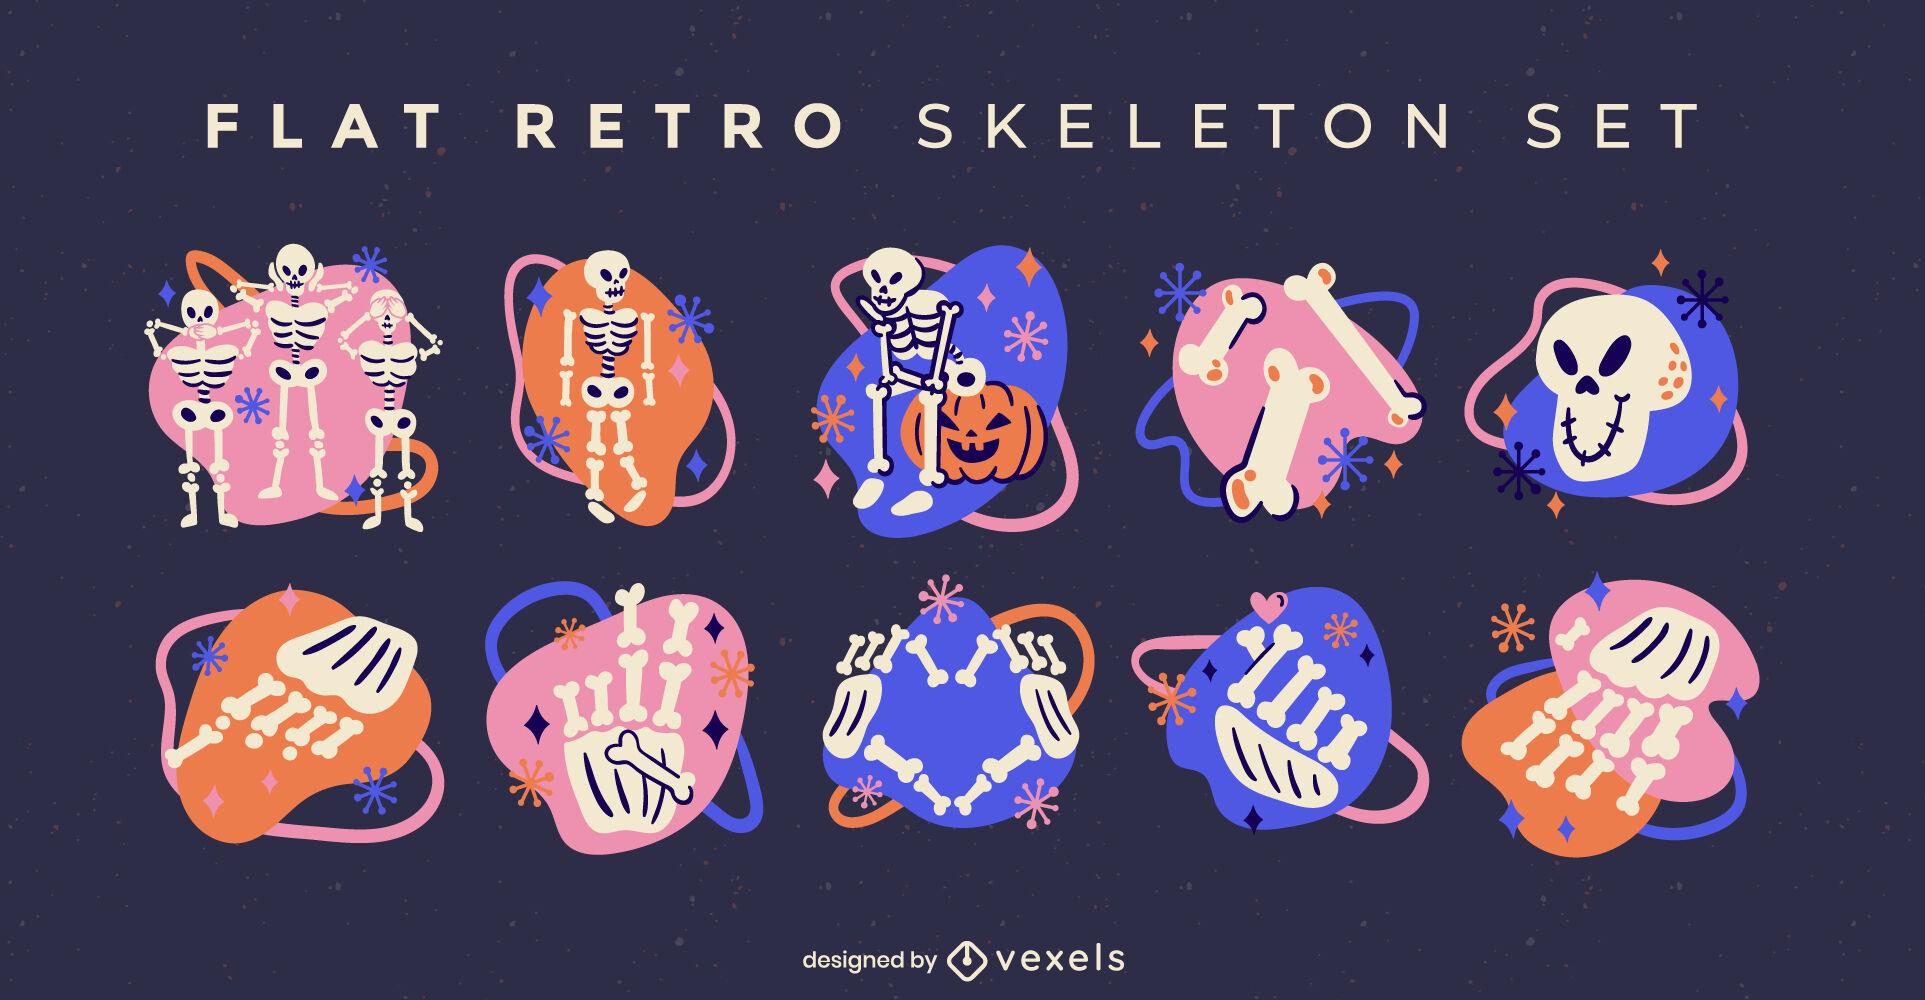 Skull and skeletons retro set